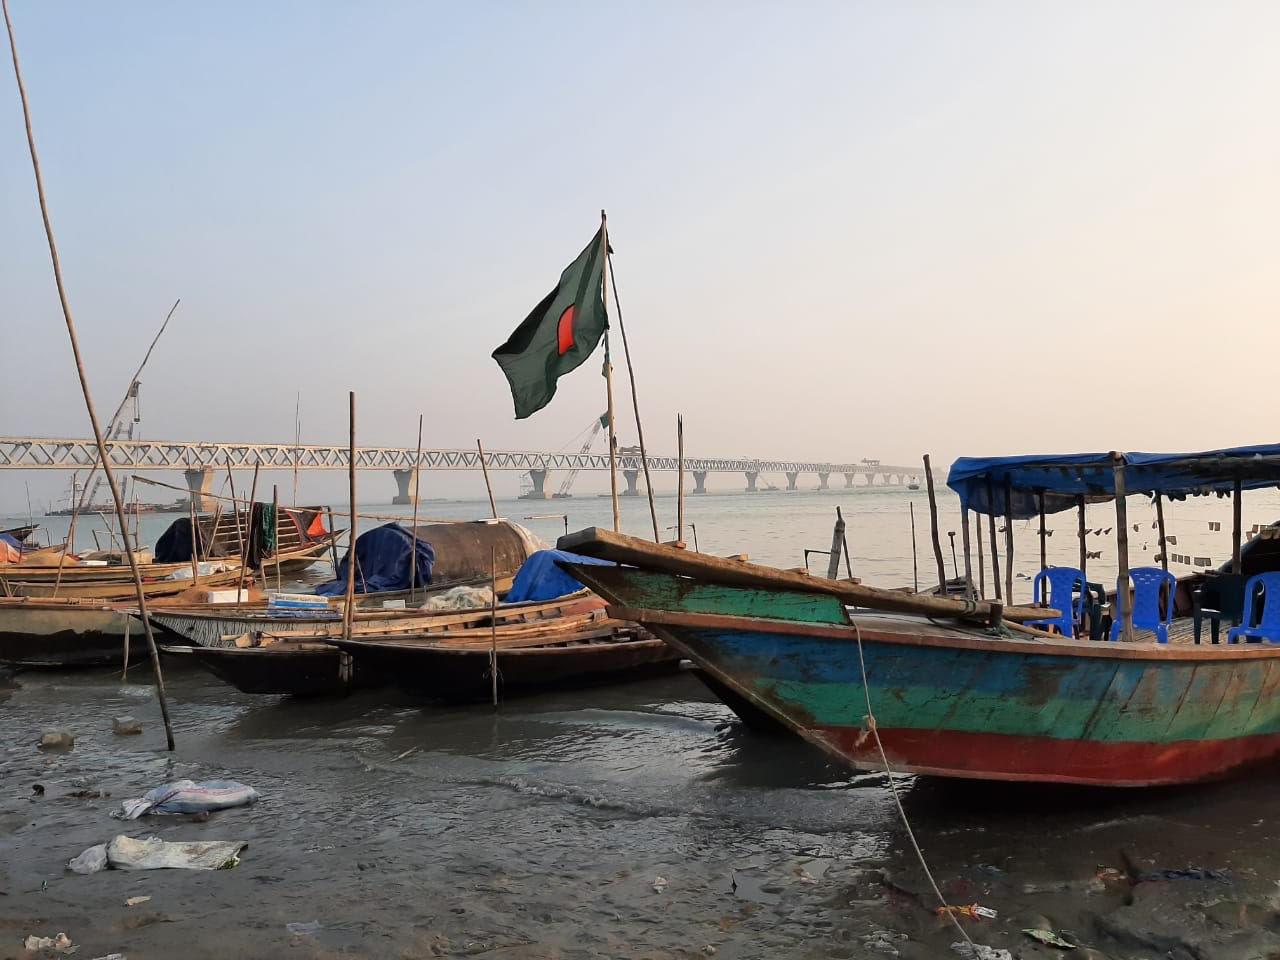 2020: The Year of Sheikh Hasina